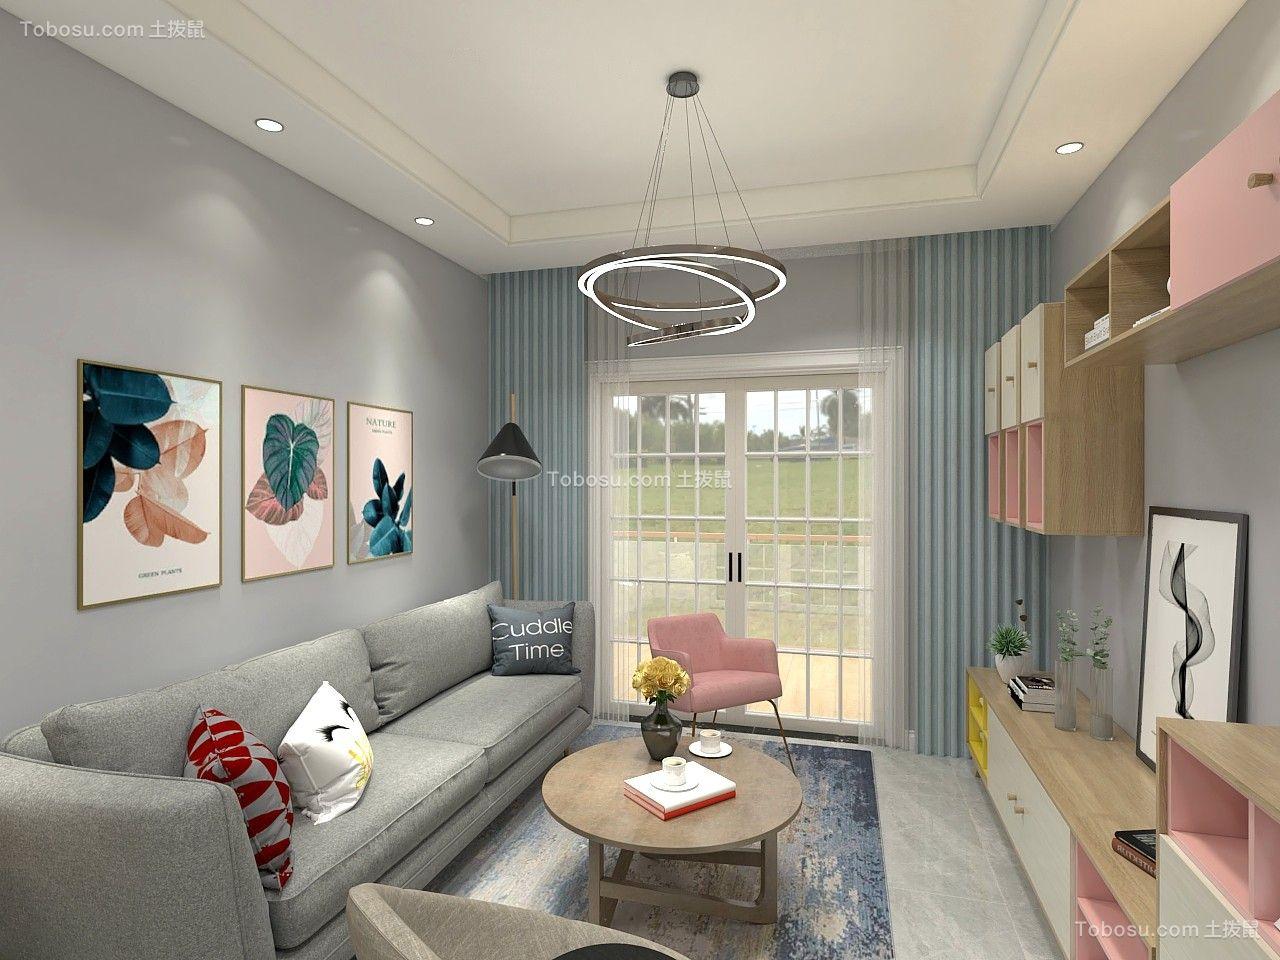 87平米现代简约风格2居室7万效果图